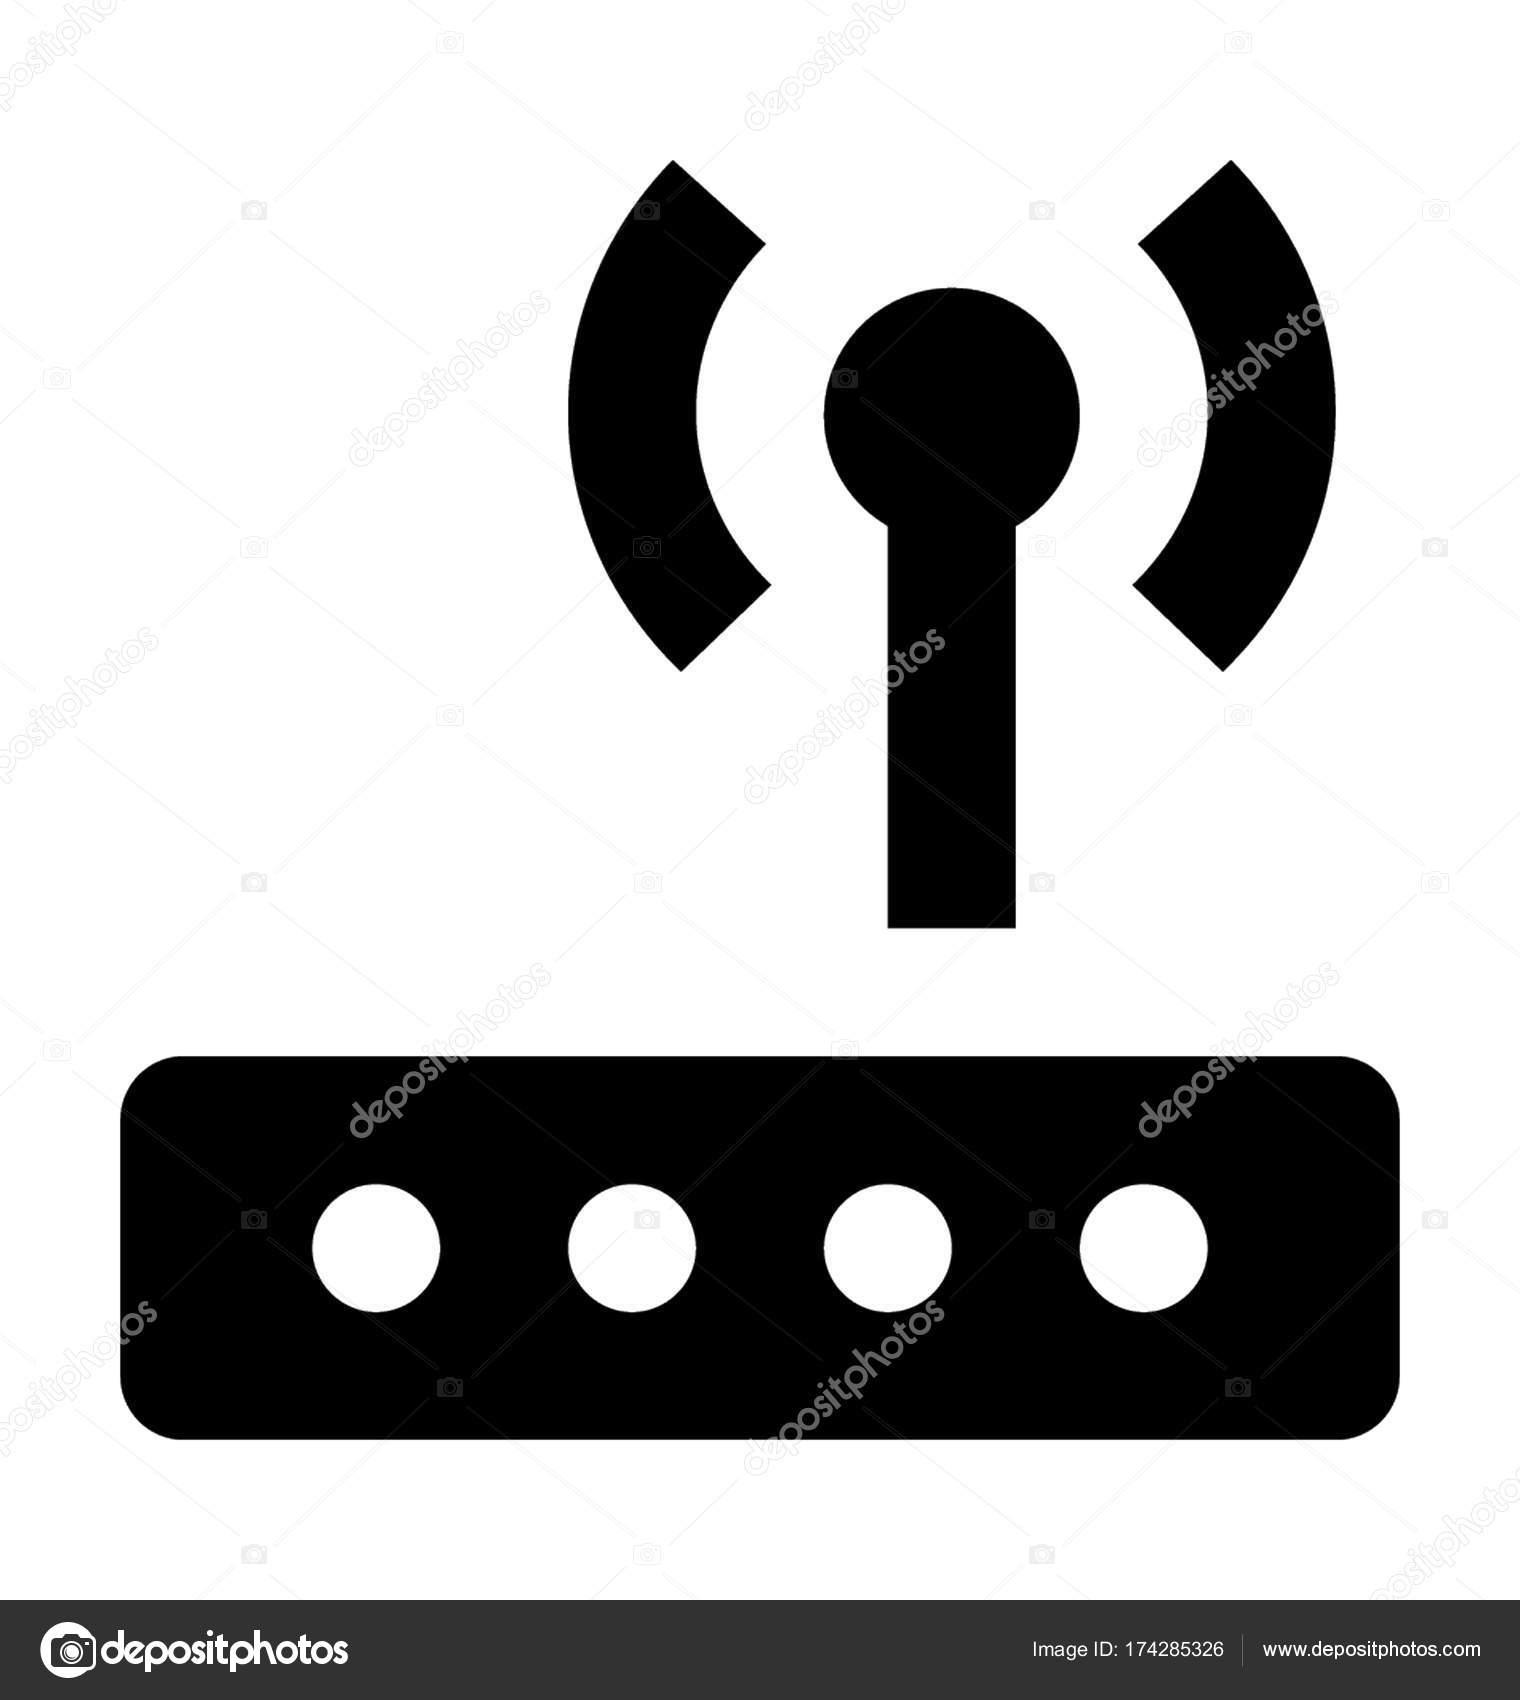 Fantastisch Wlan Router Symbol Bilder - Schaltplan Serie Circuit ...